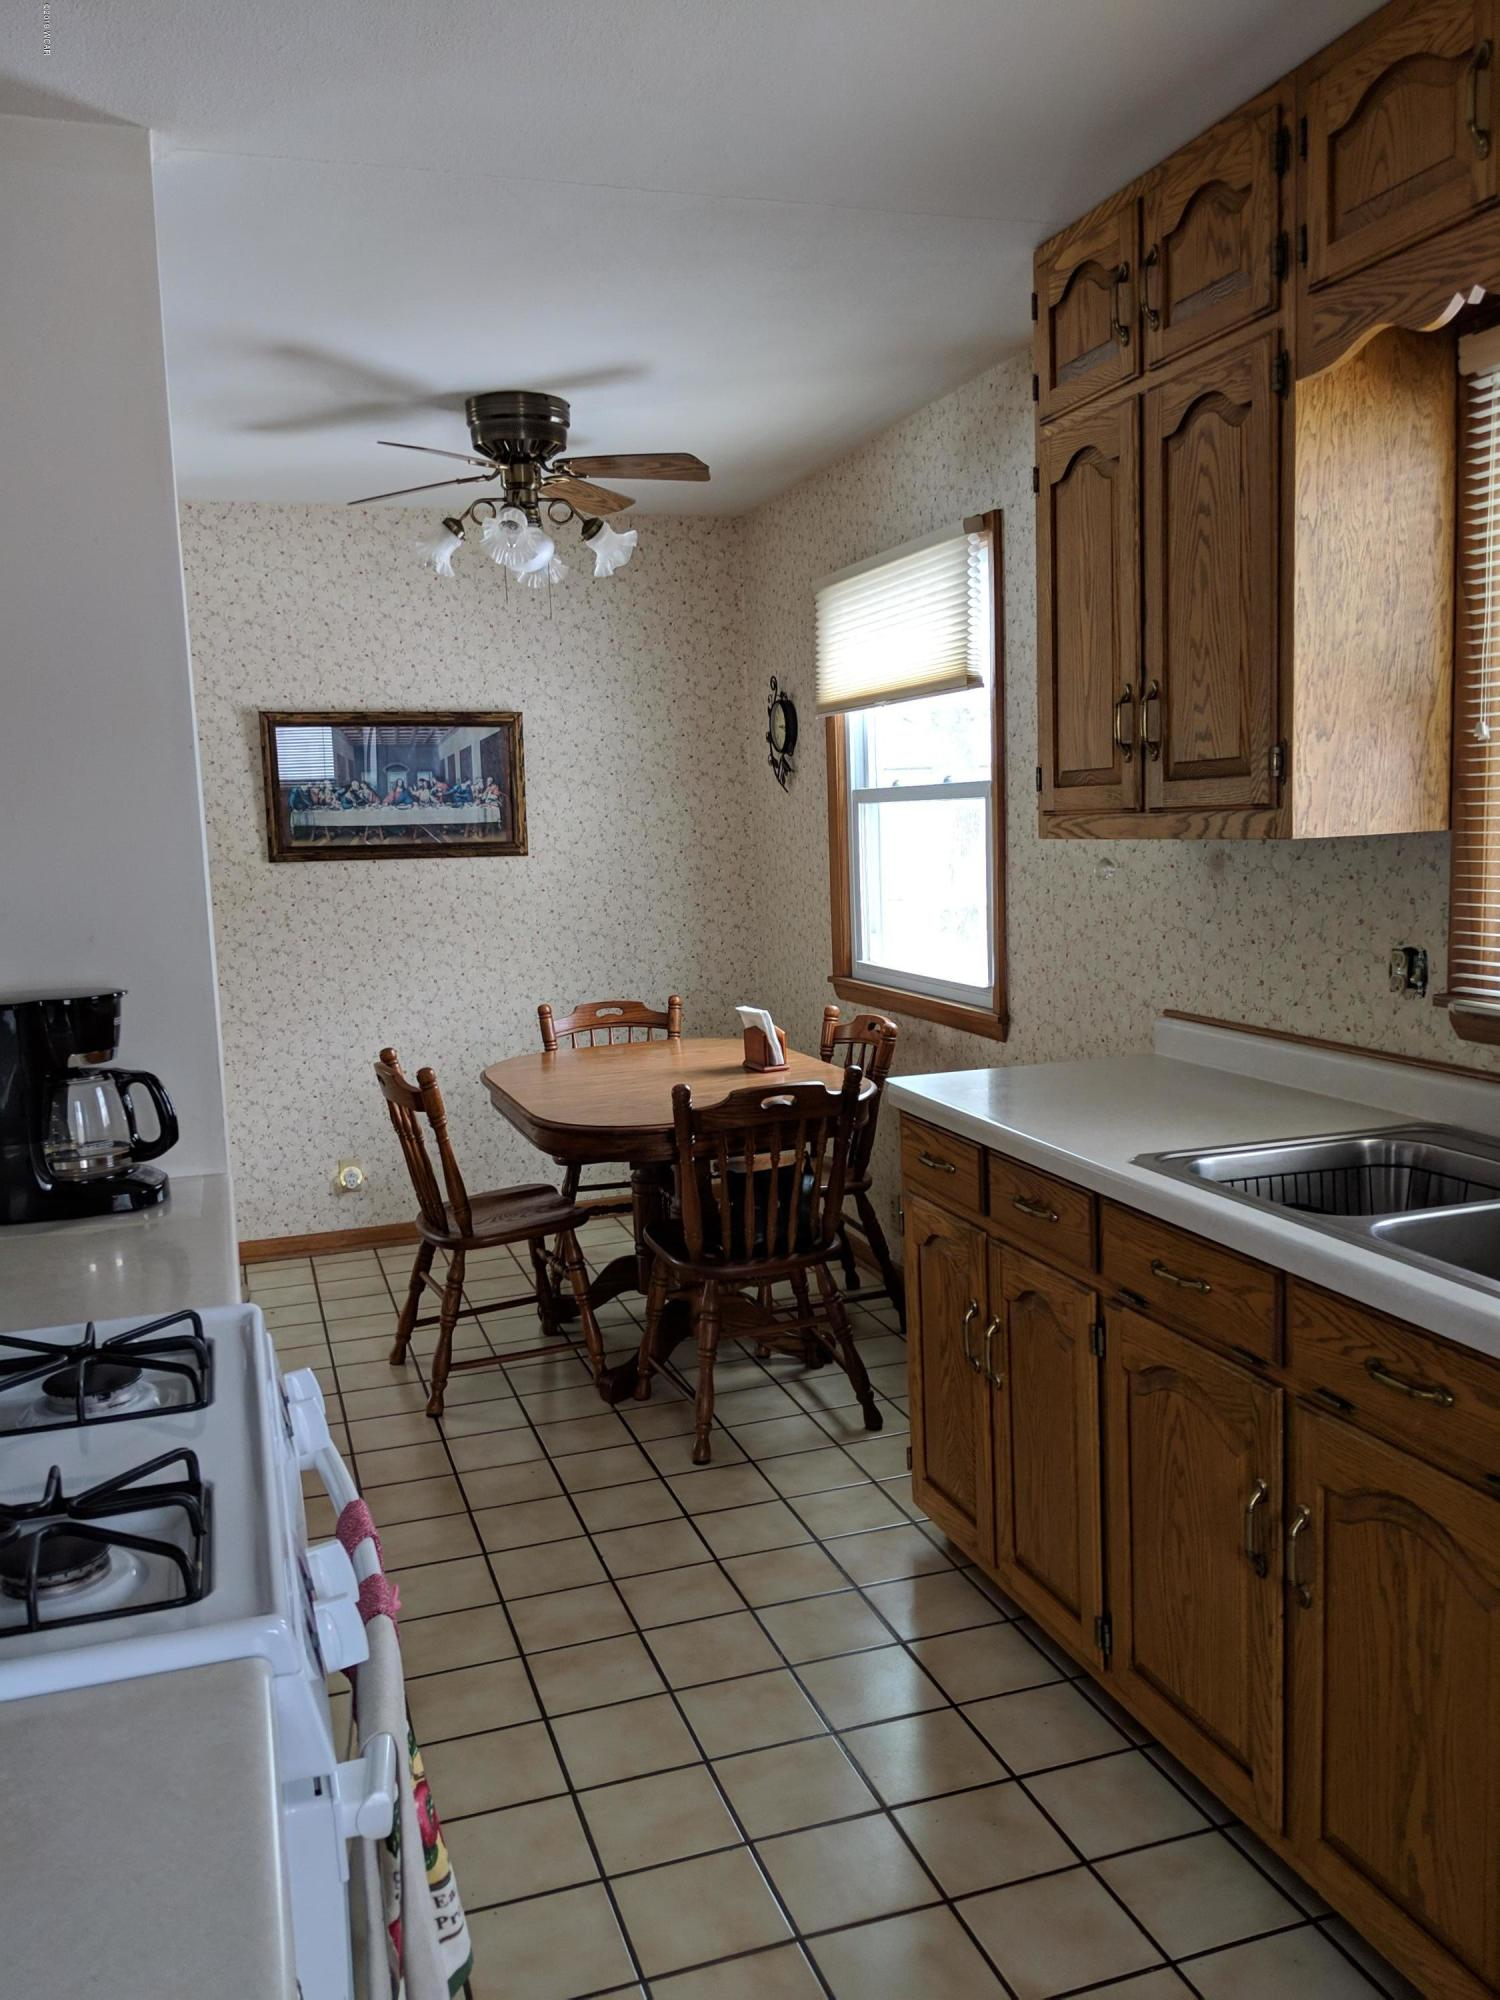 1124 SE Trott Avenue,Willmar,3 Bedrooms Bedrooms,2 BathroomsBathrooms,Single Family,SE Trott Avenue,6033547